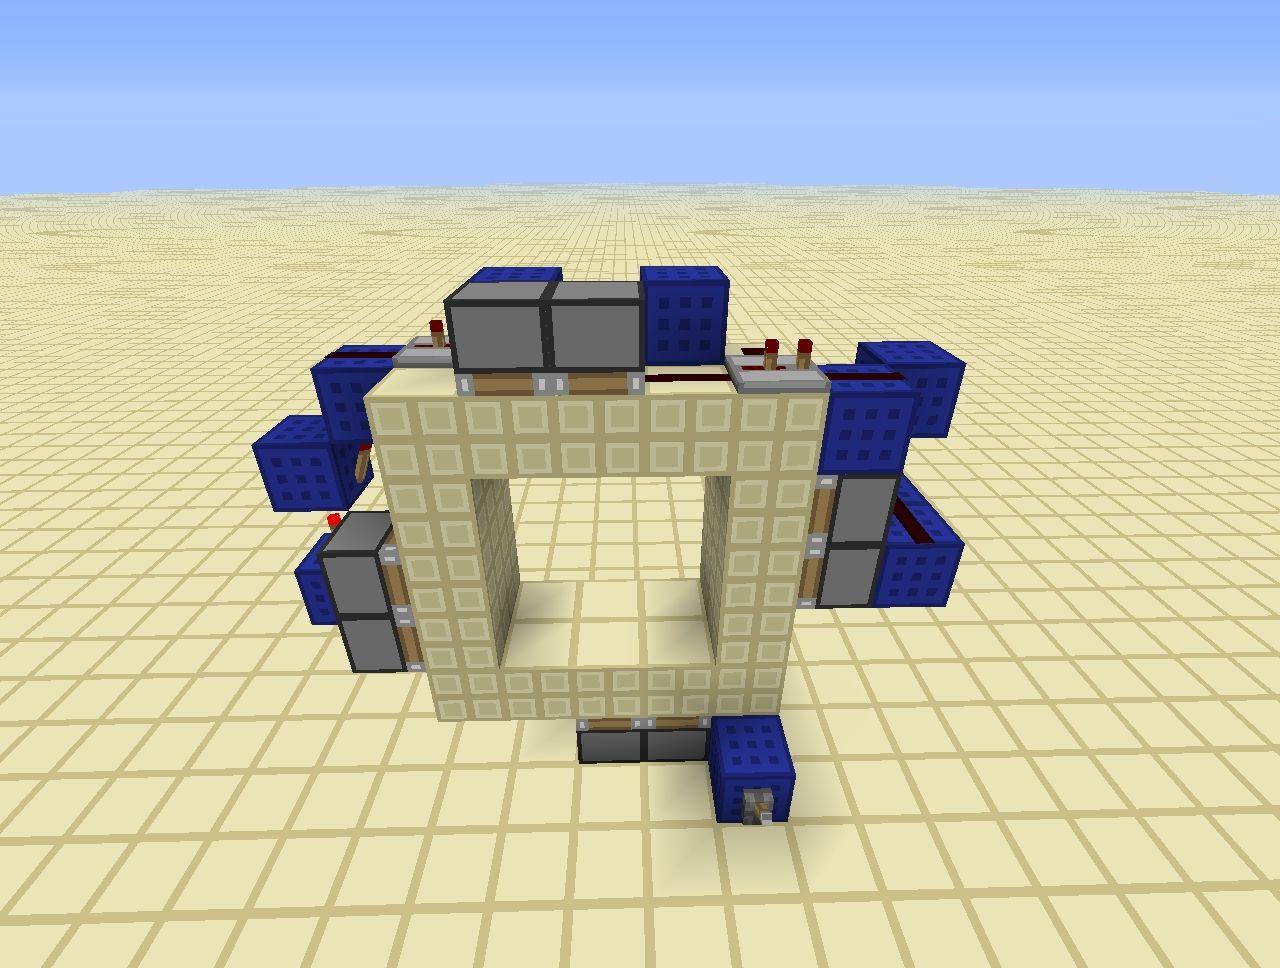 Minecraft Piston Door 3x3 Minecraft 3x3 Spiral Piston